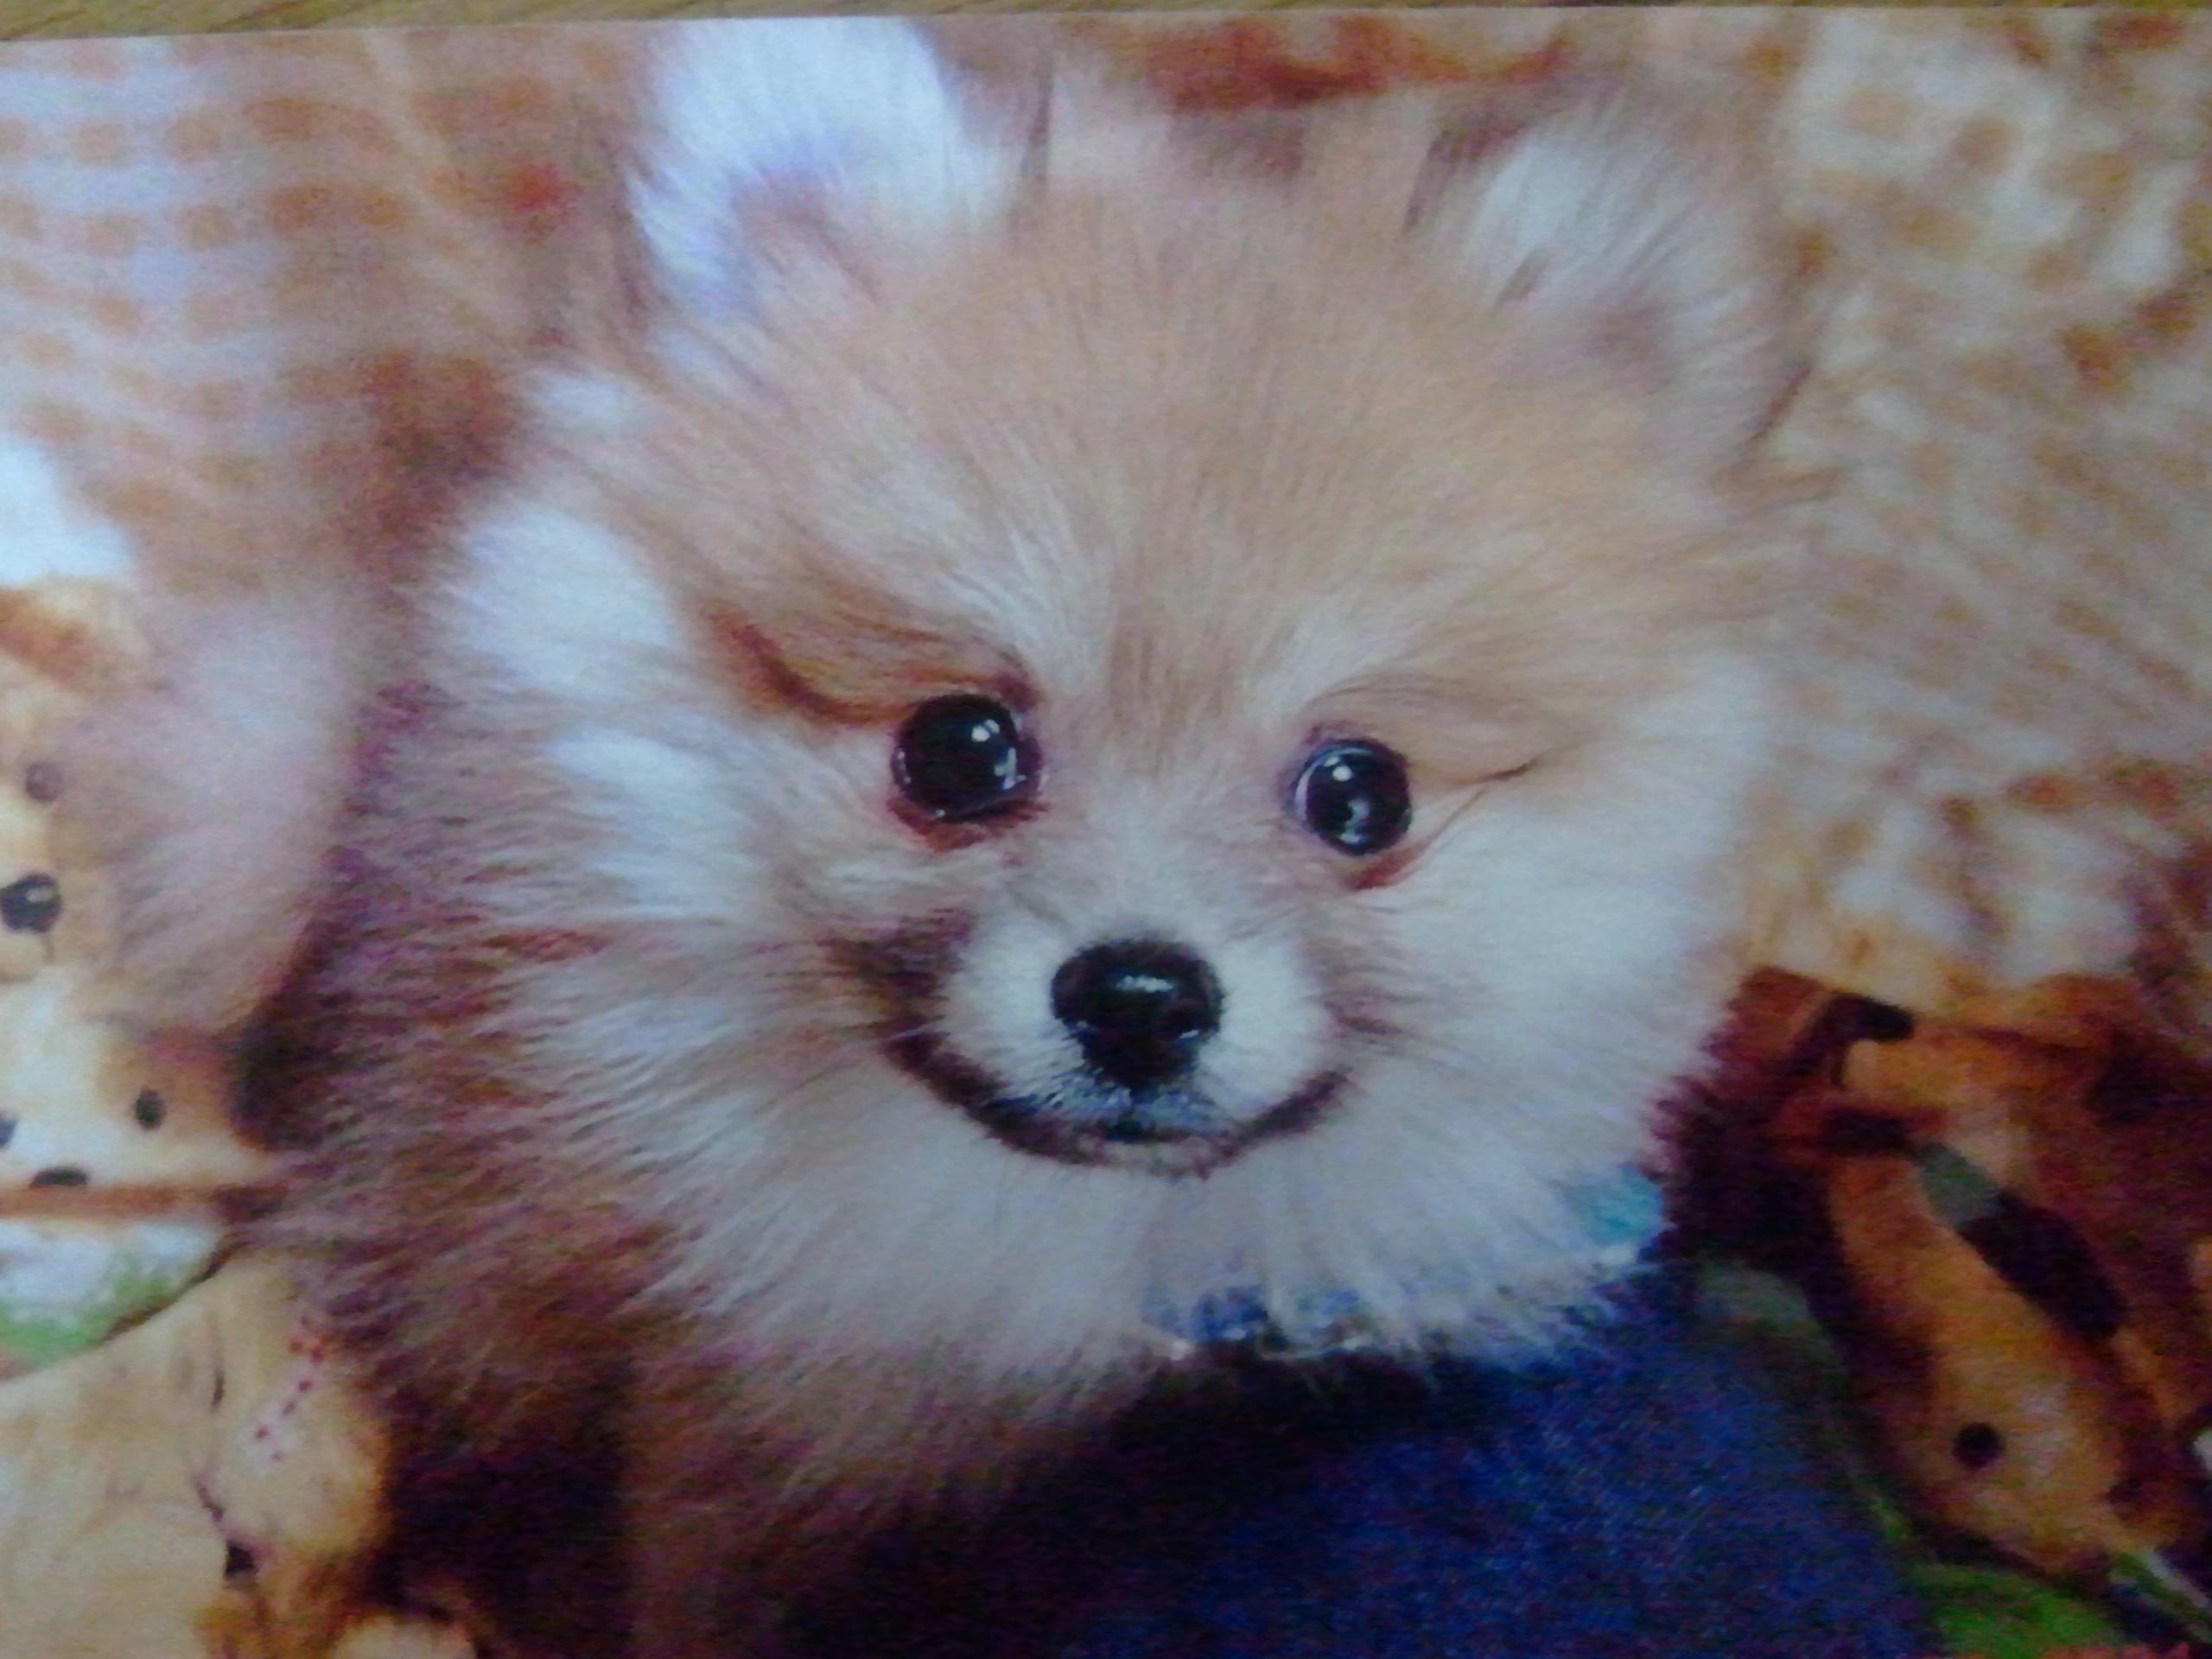 ペット,仔犬,赤ちゃん,かわいい,可愛いポメラニアン,生後45日,懐かし